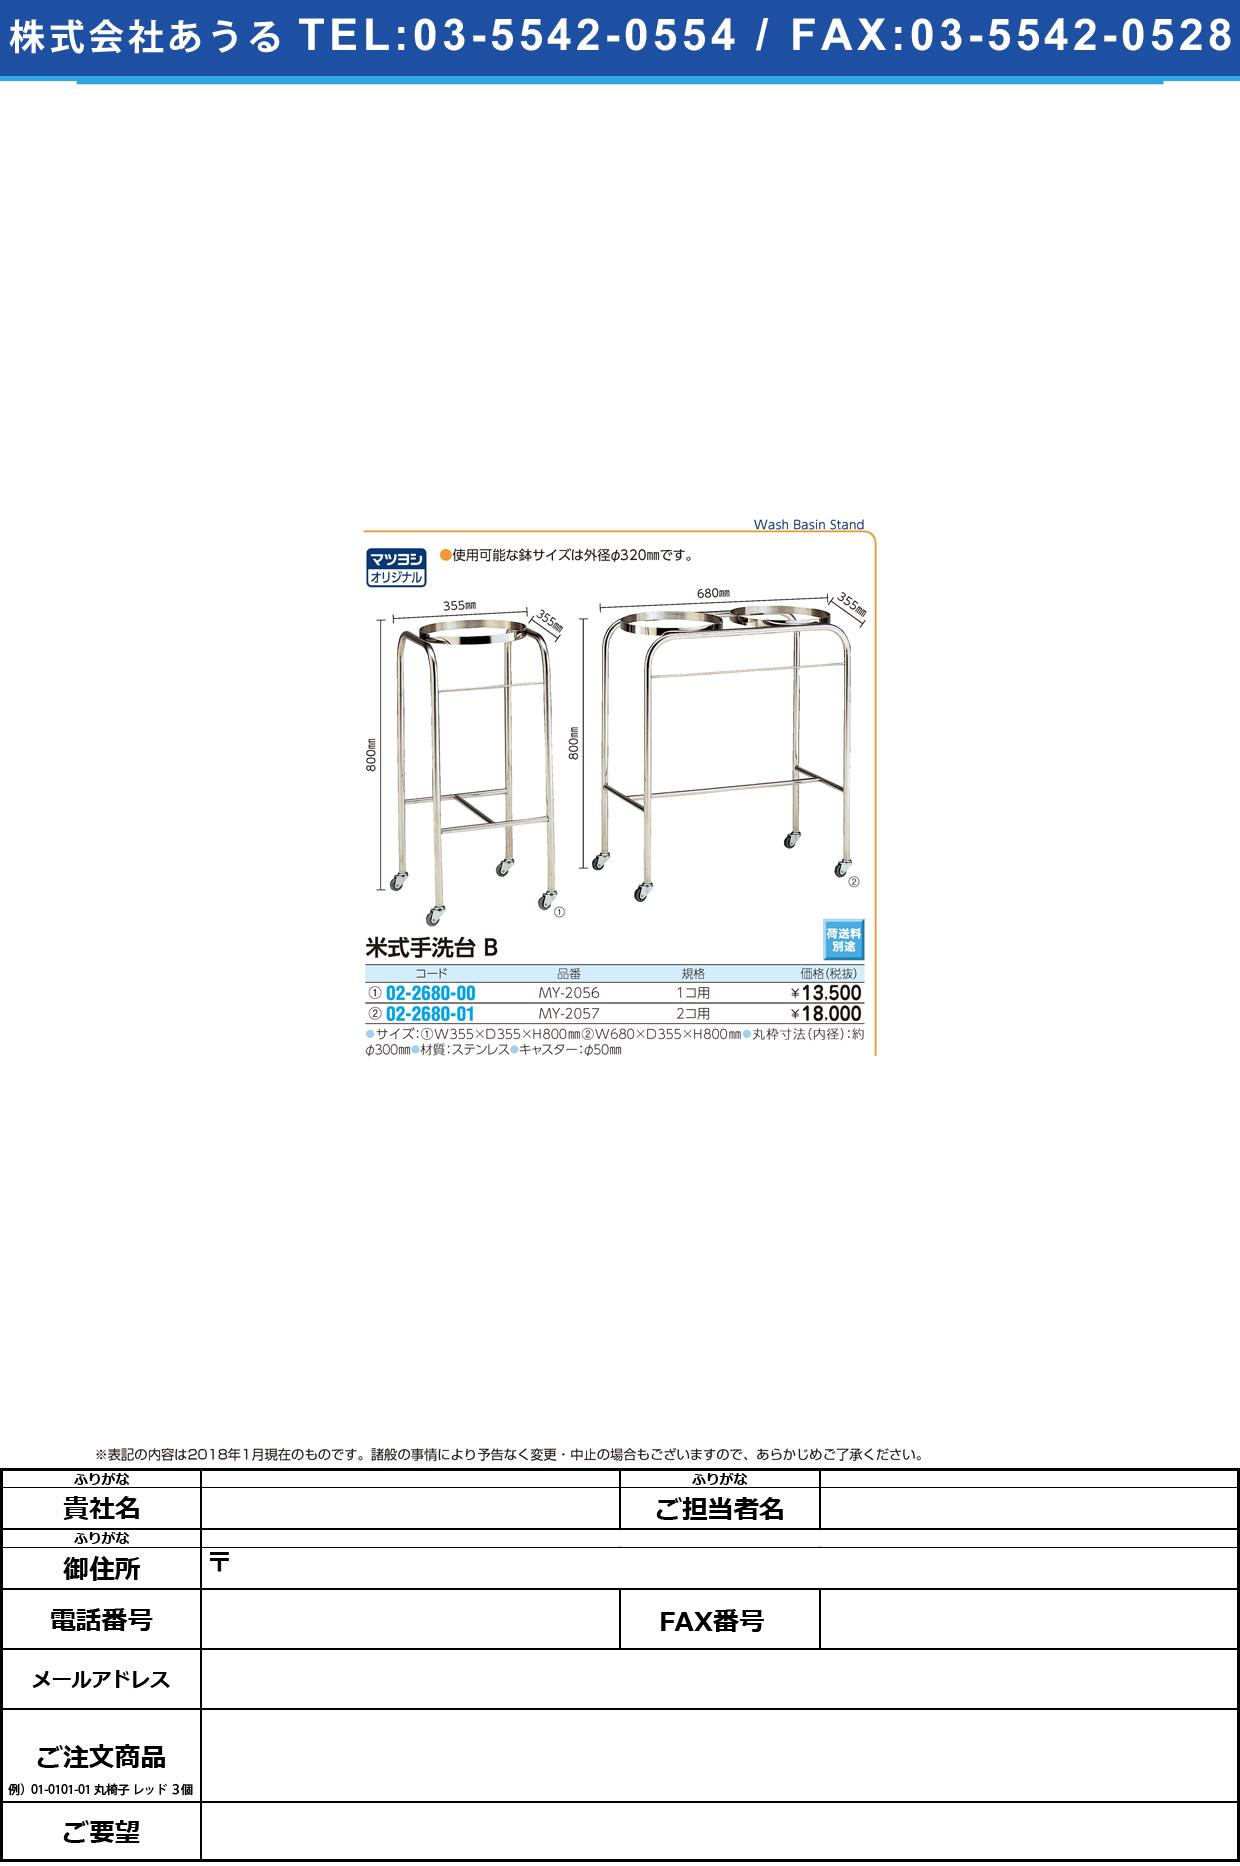 (02-2680-00)米式手洗台B(1コ用) MY-2056(ステンレス) ベイシキテアライダイB(1コヨウ)【1台単位】【2019年カタログ商品】